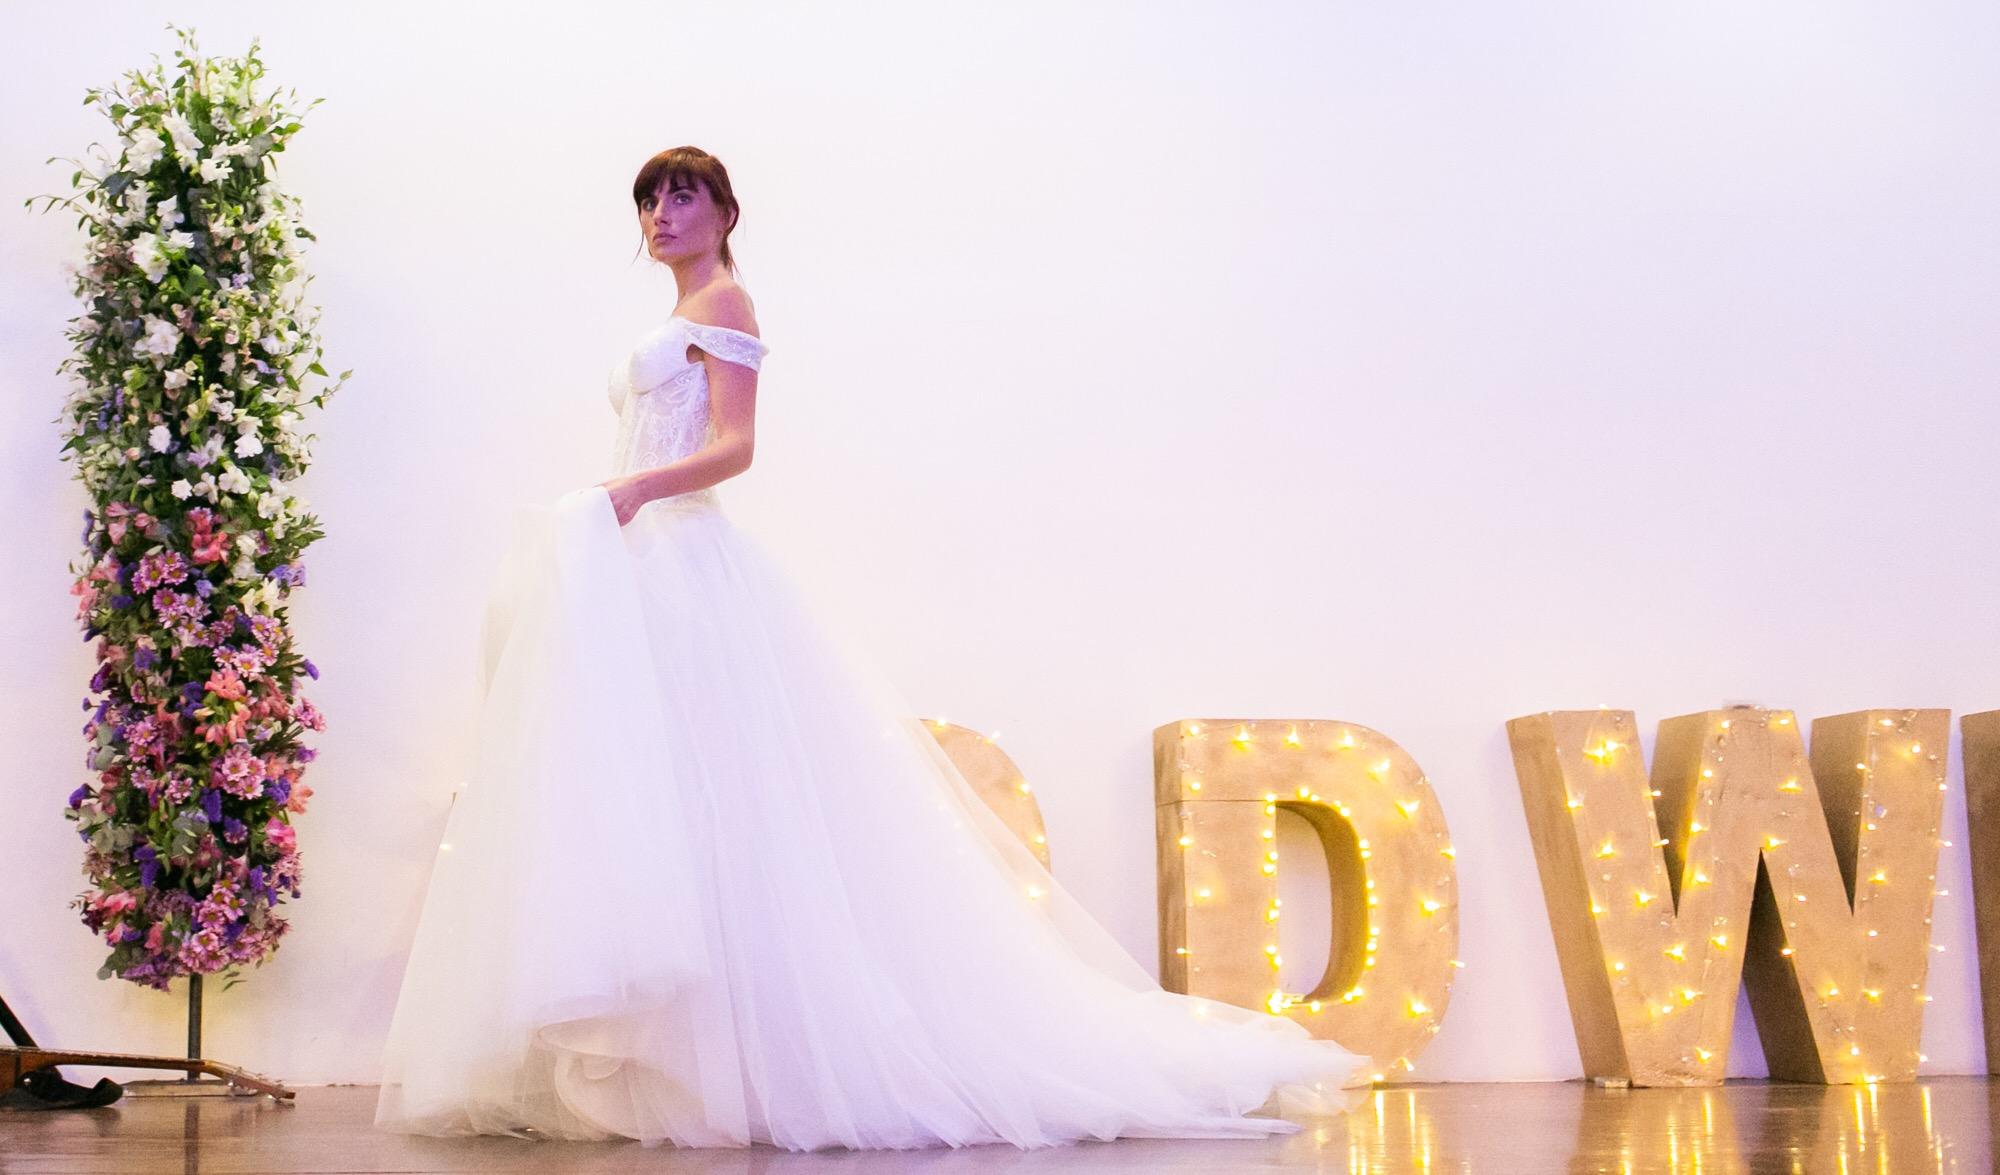 Discover Destination Wedding Maratea, il racconto di un